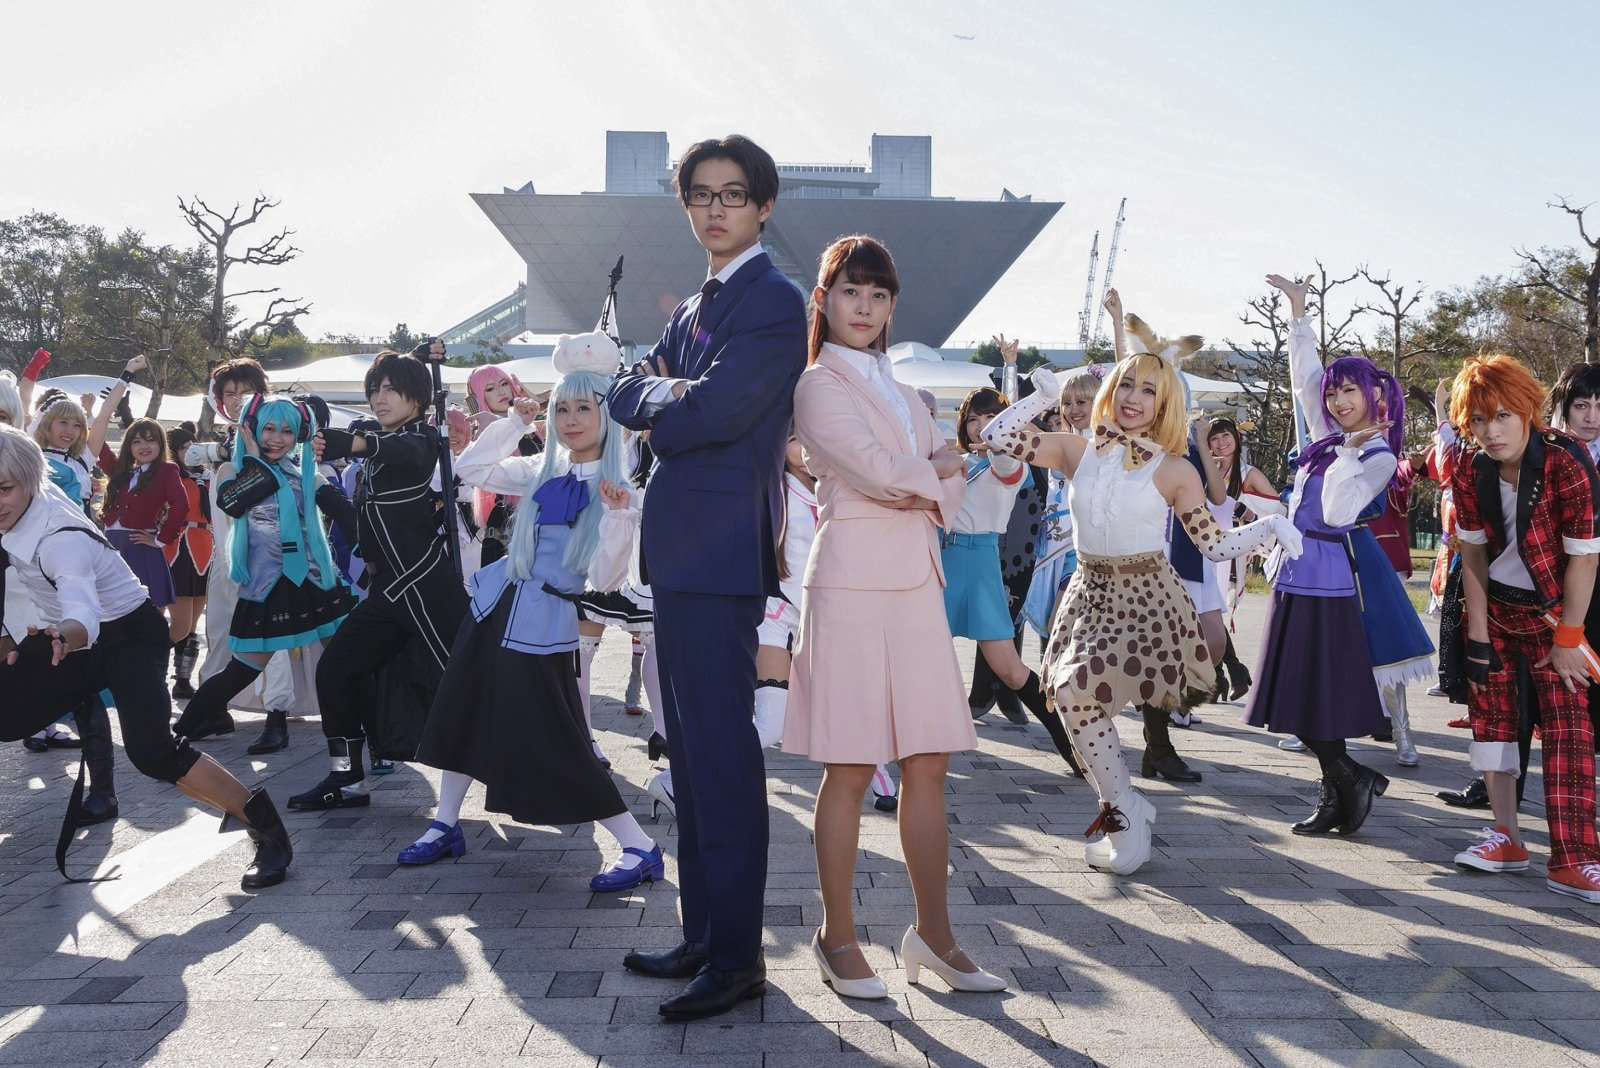 高畑充希、山﨑賢人が神曲バラードを歌い上げる!映画『ヲタクに恋は難しい』圧倒的歌唱力のPVが解禁ー!!